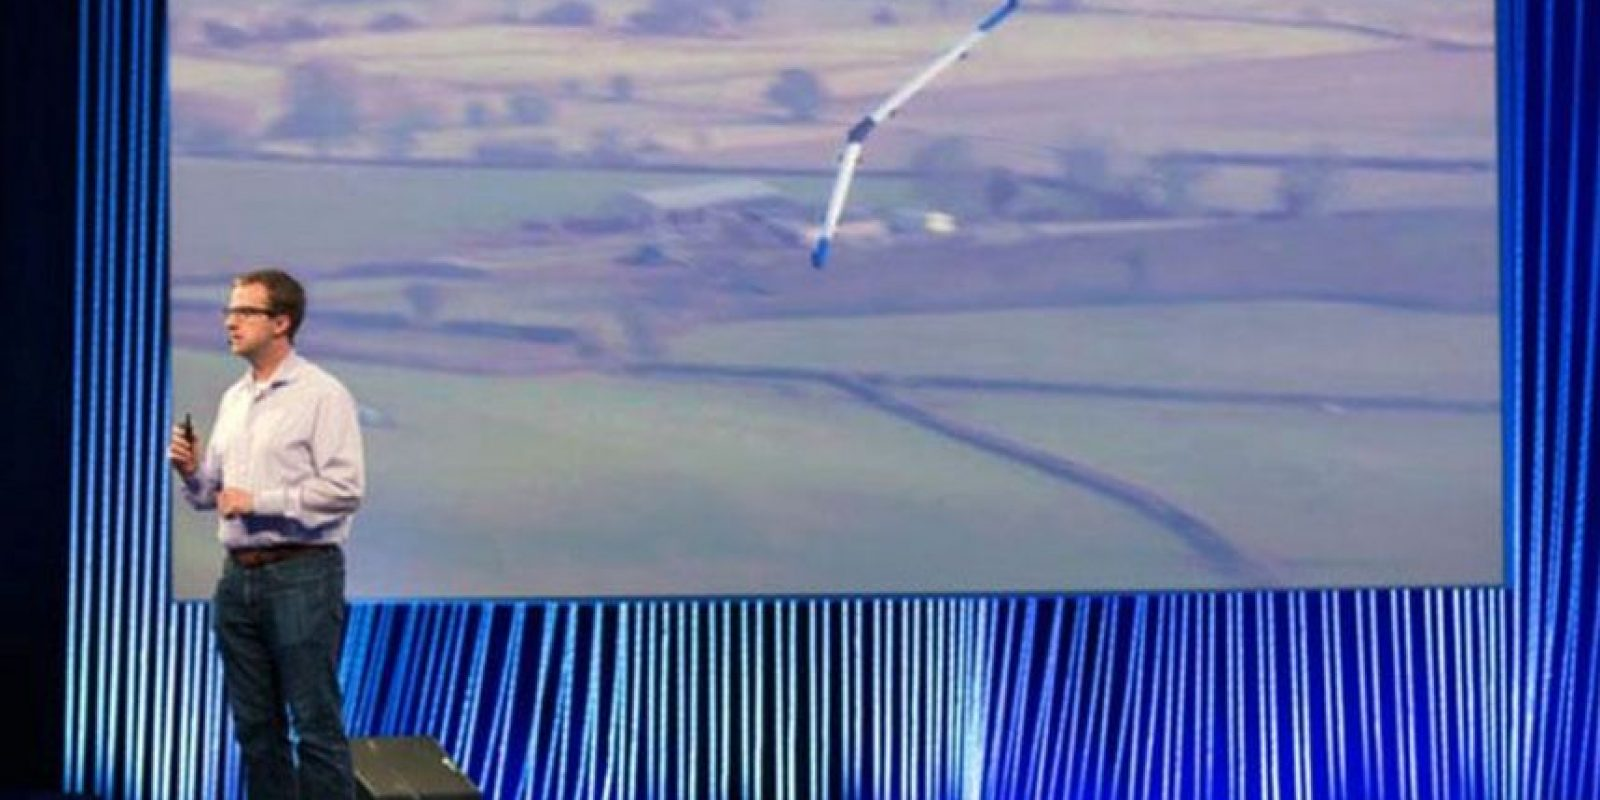 En el segundo día de la conferencia especial de Facebook F8 celebrada este año, la compañía anunció el avance en el proyecto de un dron que llevaría el Internet a todo el mundo Foto:Facebook